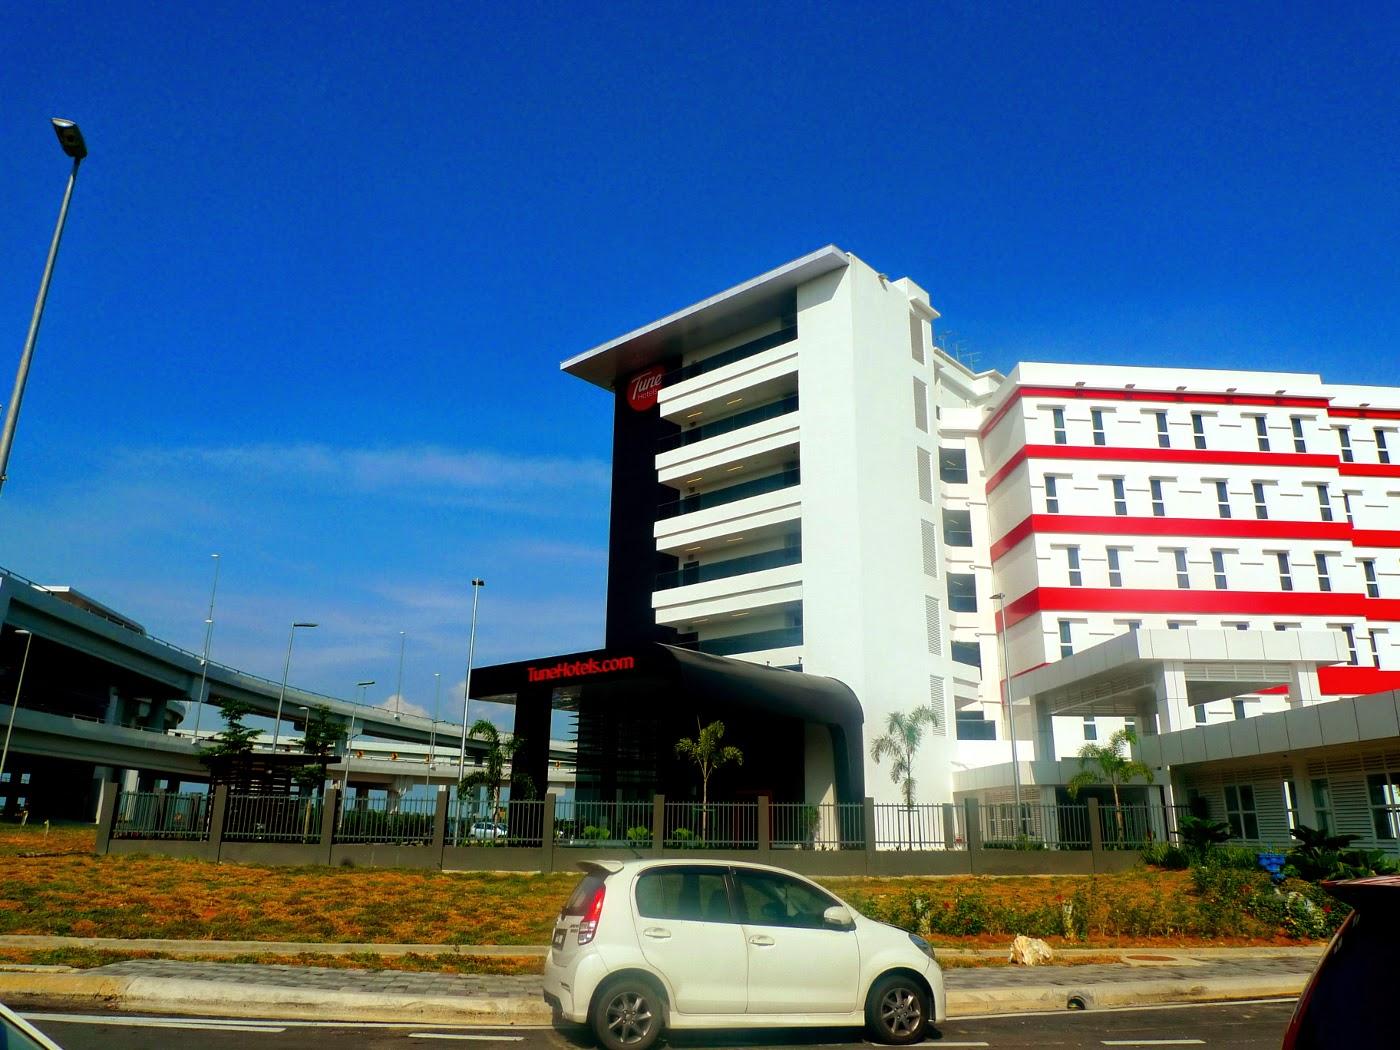 khách sạn Tune ở sân bay KLIA2